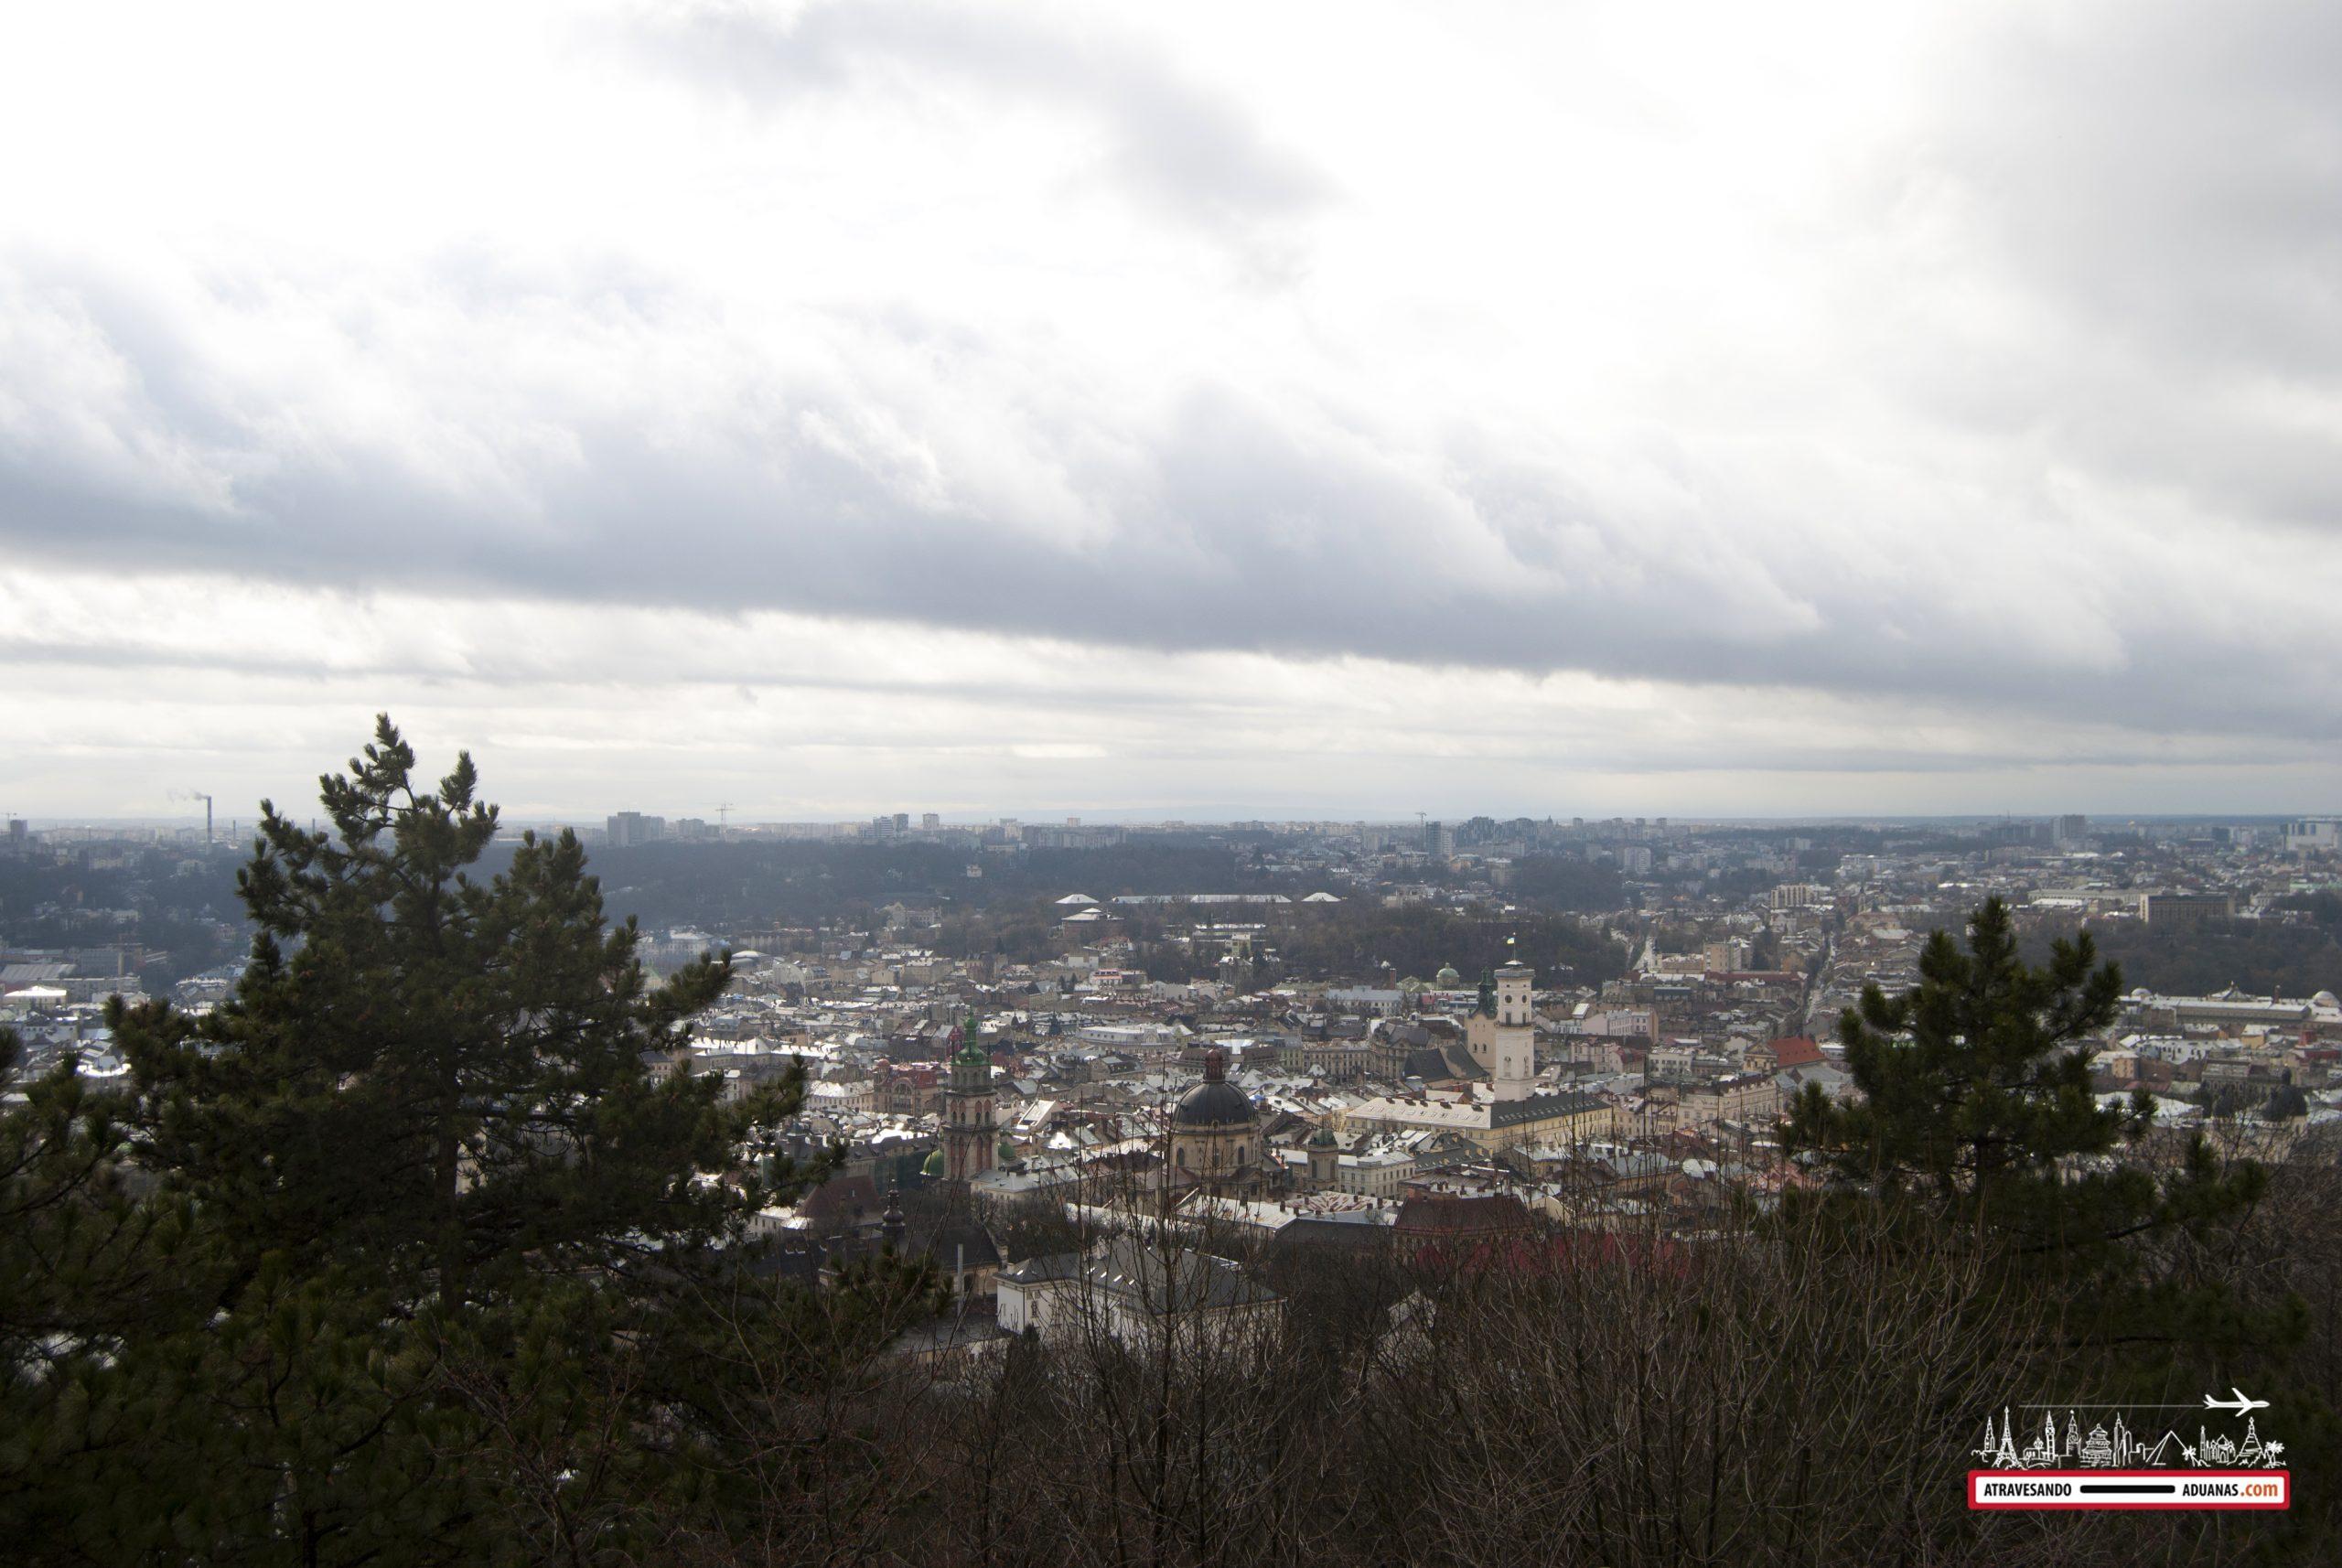 la ciudad de lviv vista desde el montículo